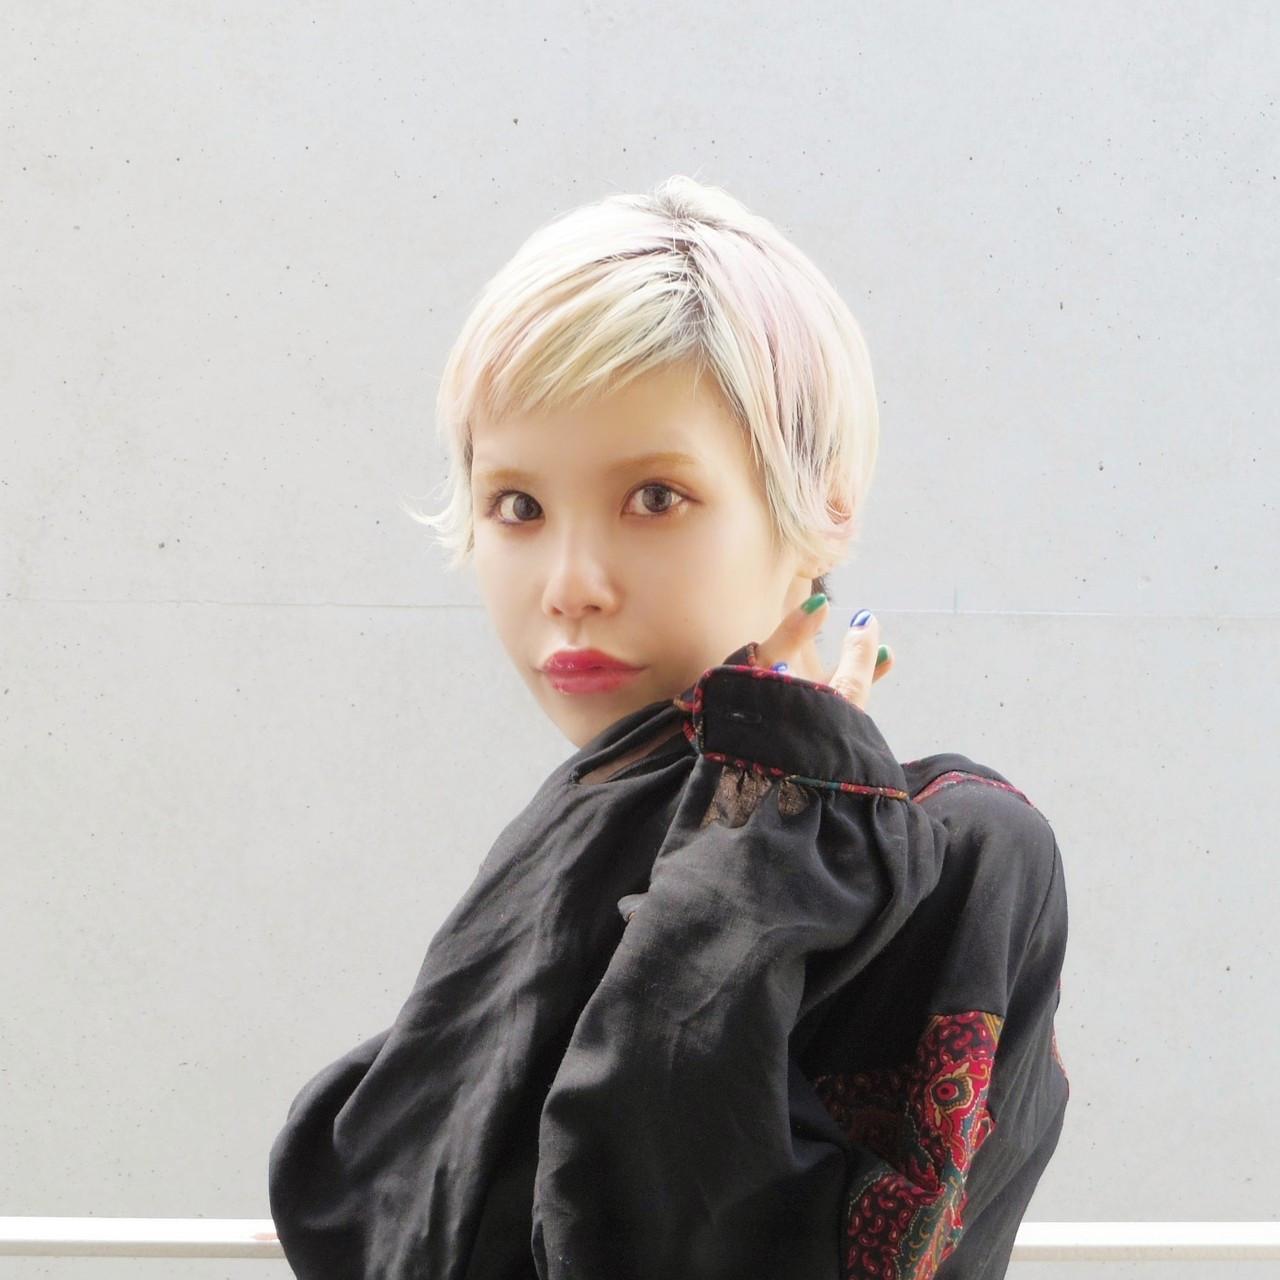 ヘアアレンジ 外国人風 ショートヘア ショート ヘアスタイルや髪型の写真・画像